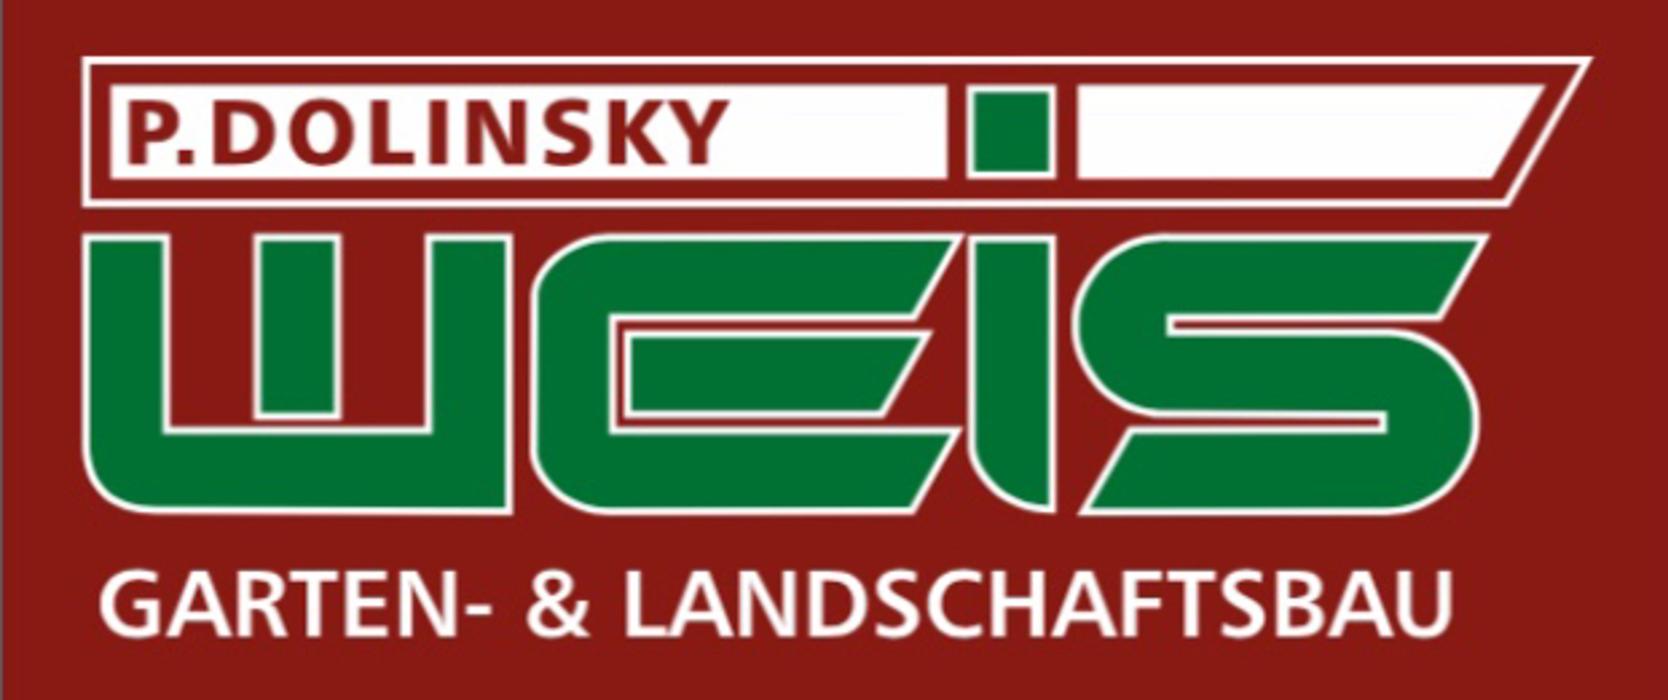 Bild zu Dolinsky Weis Garten- und Landschaftsbau in Rüdesheim am Rhein